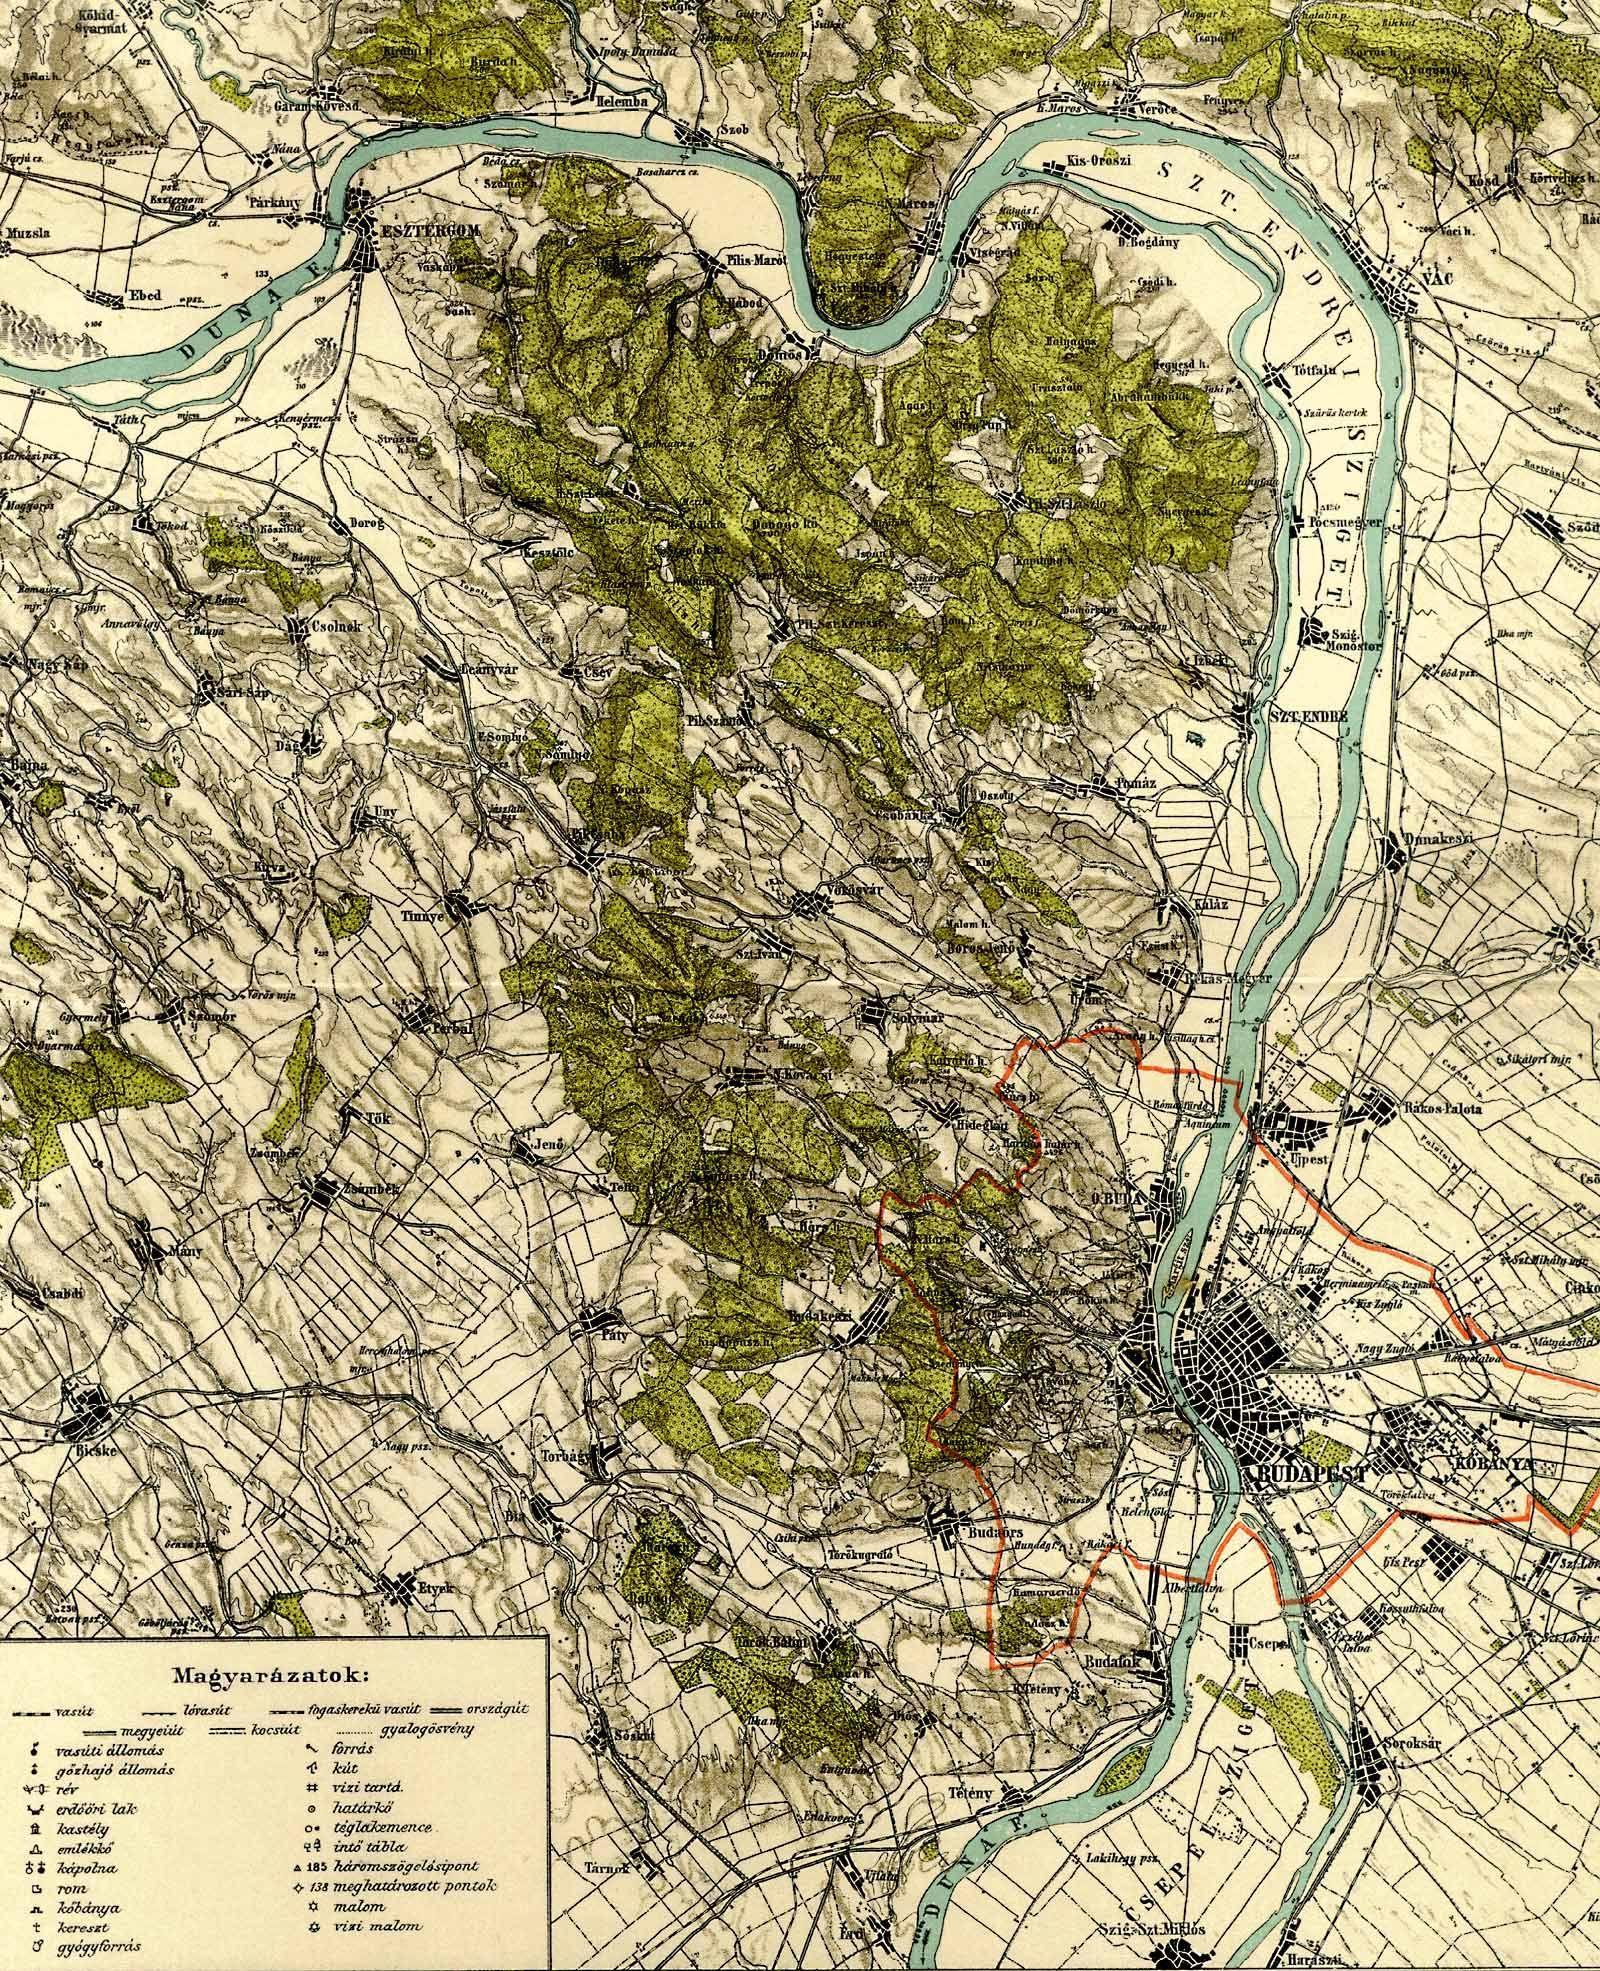 budapest domborzati térkép Budapest környéke [Digitális Képarchívum   DKA 000468] budapest domborzati térkép